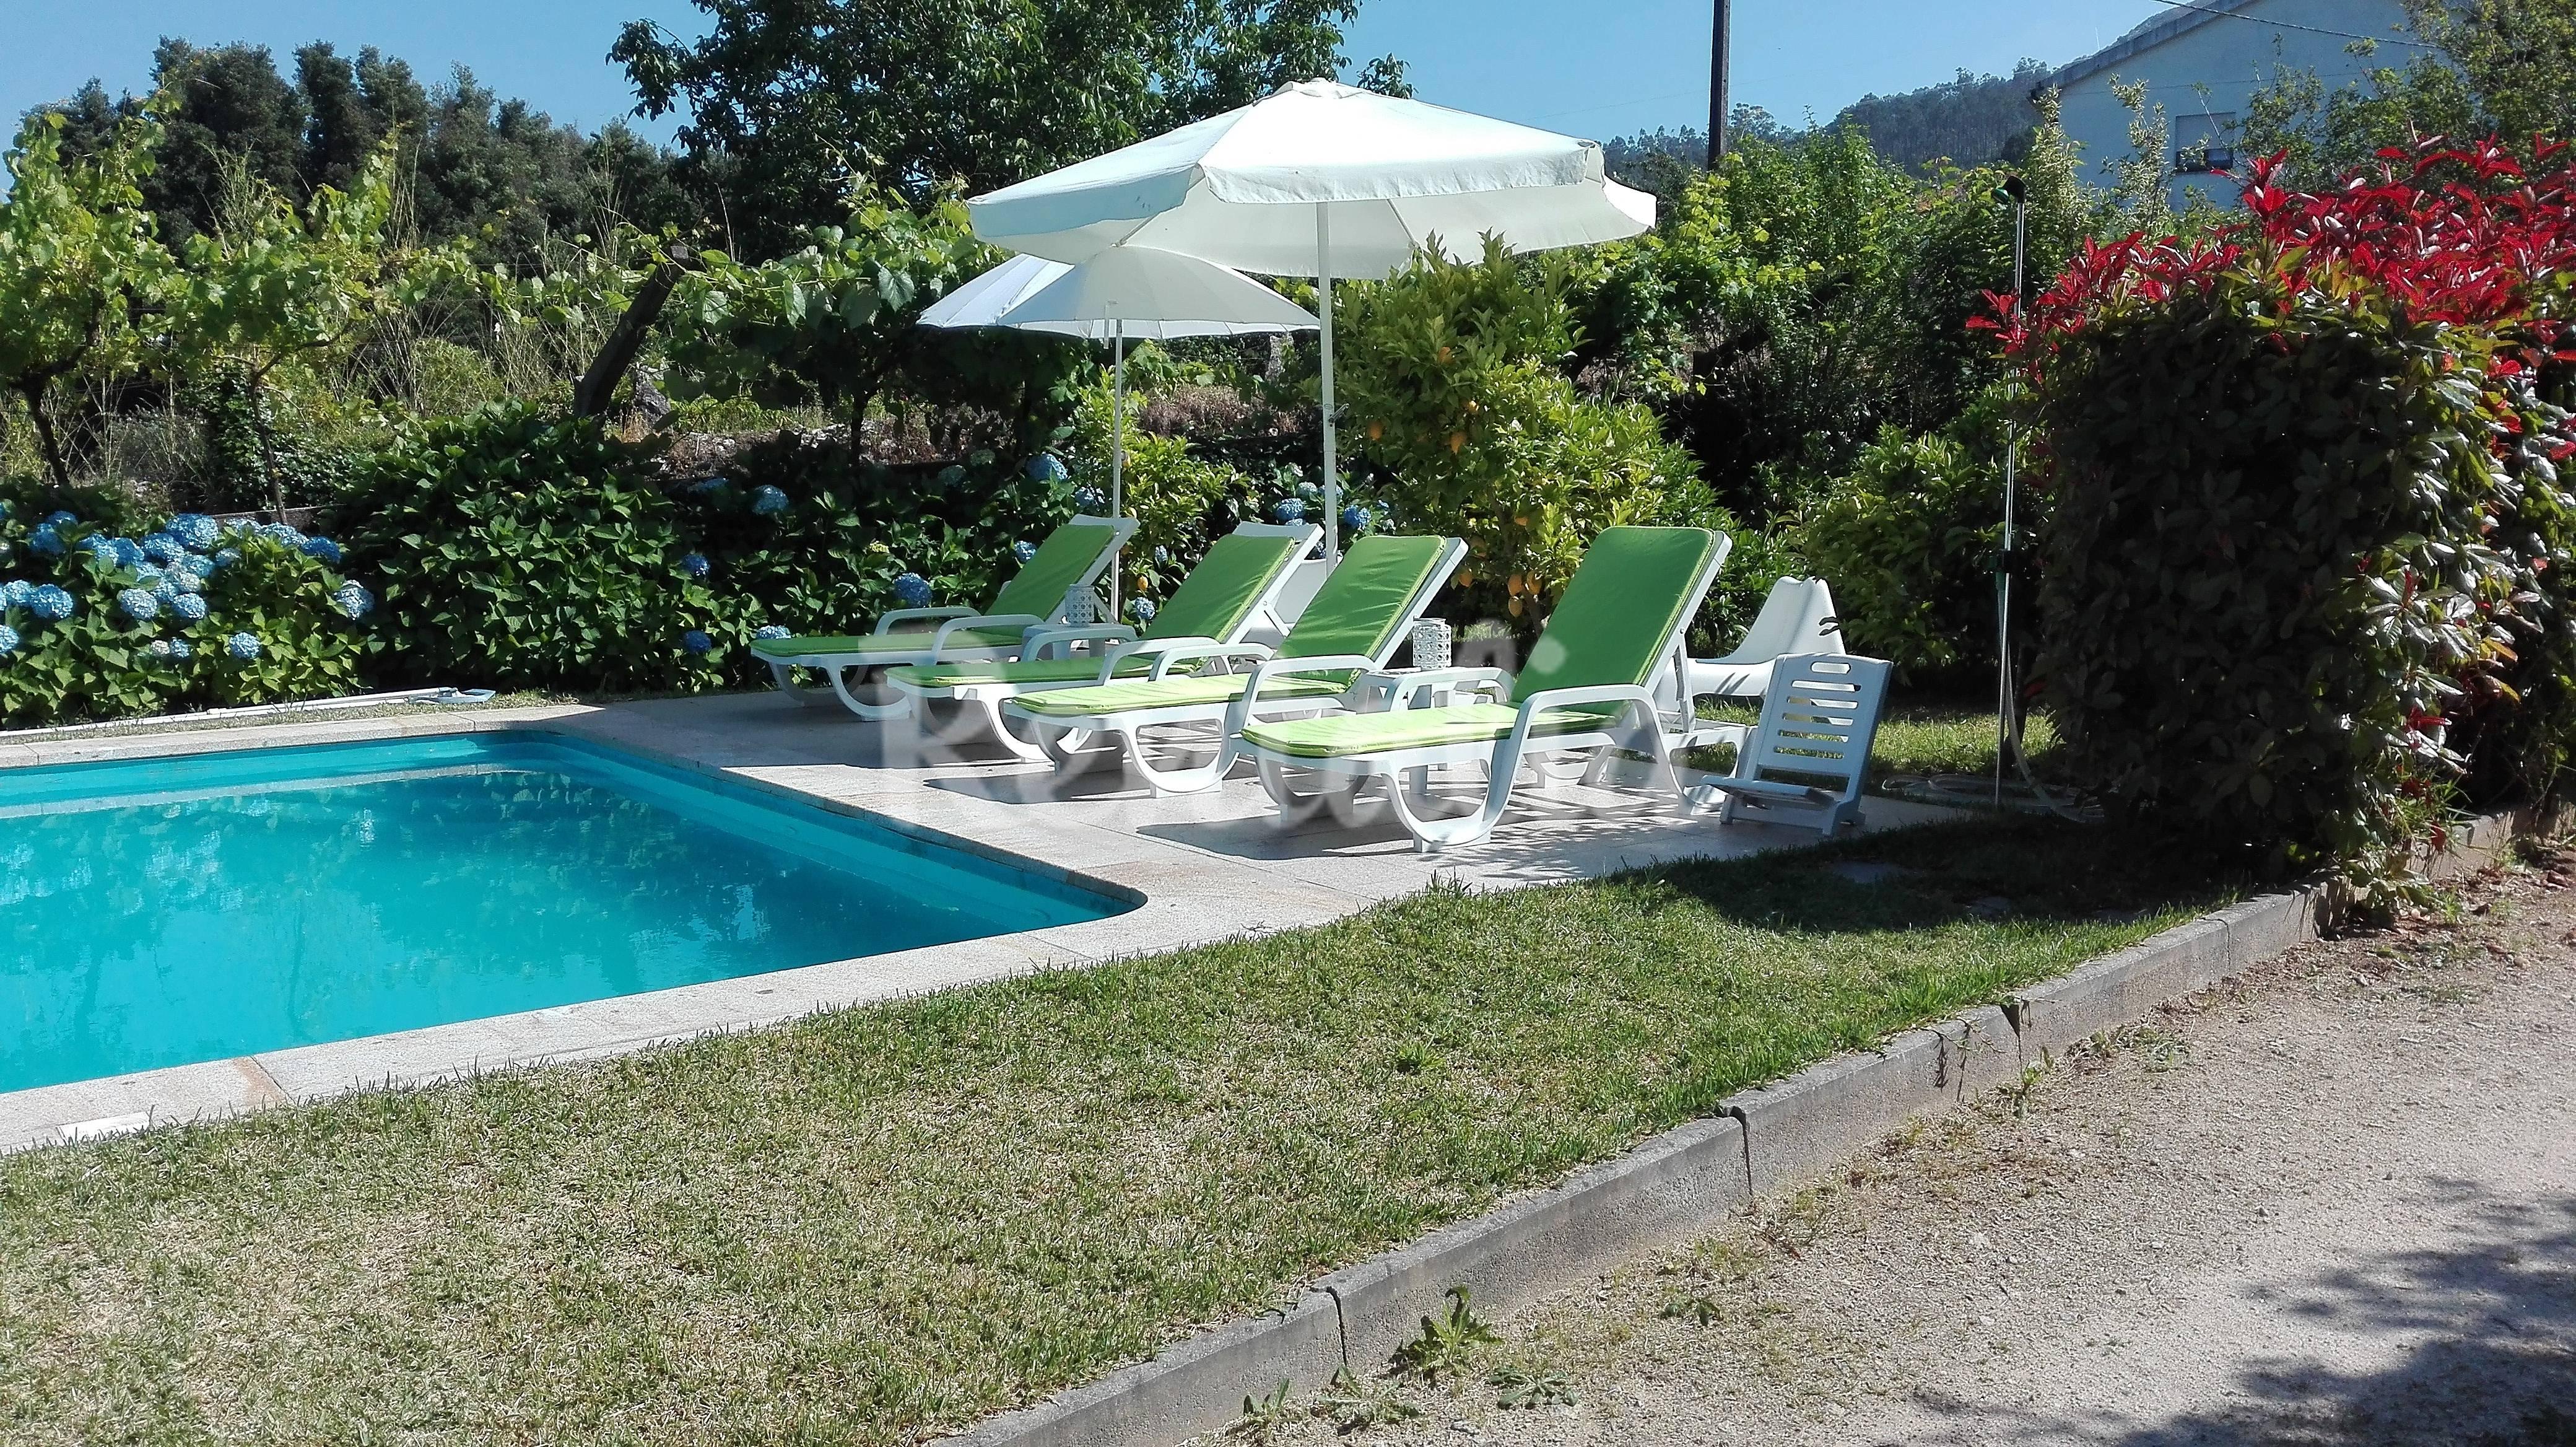 Vacaciones con piscina de agua salada y jard n venade for Aclarar agua piscina verde